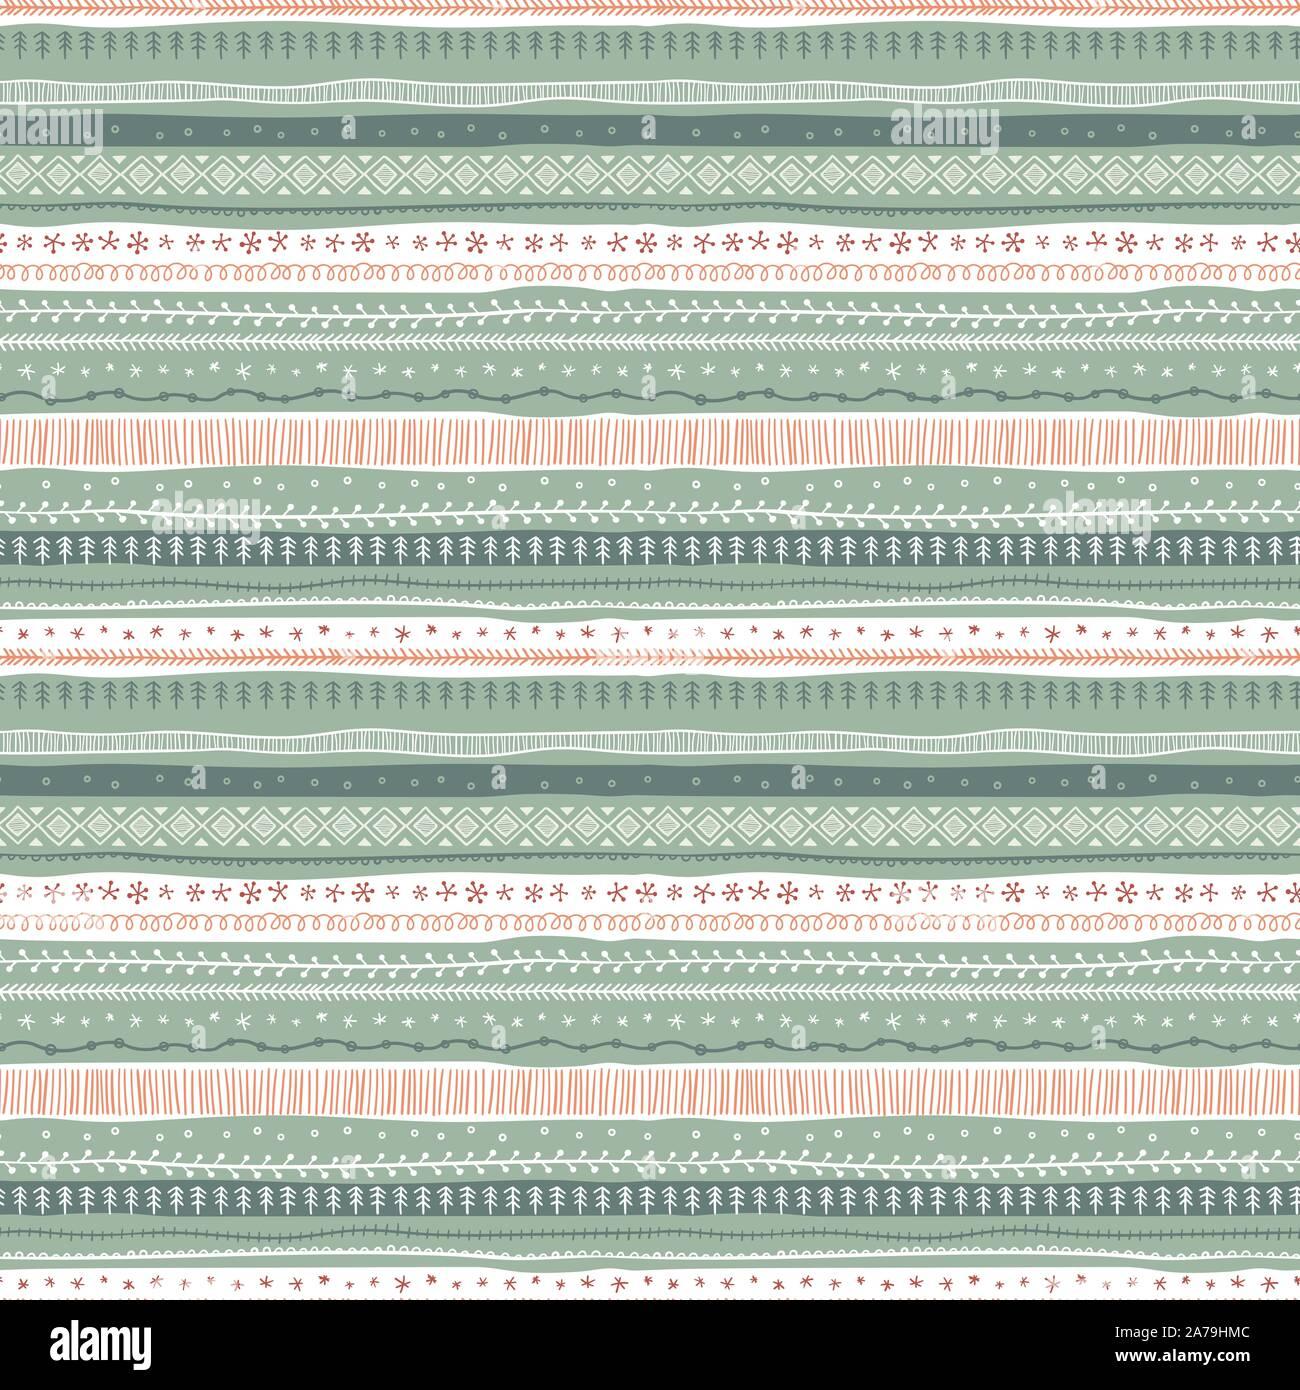 Divertimento e disegnati a mano astratto sfondo di Natale, seamless pattern, grande per i prodotti tessili, banner, confezionamento - disegno vettoriale Illustrazione Vettoriale